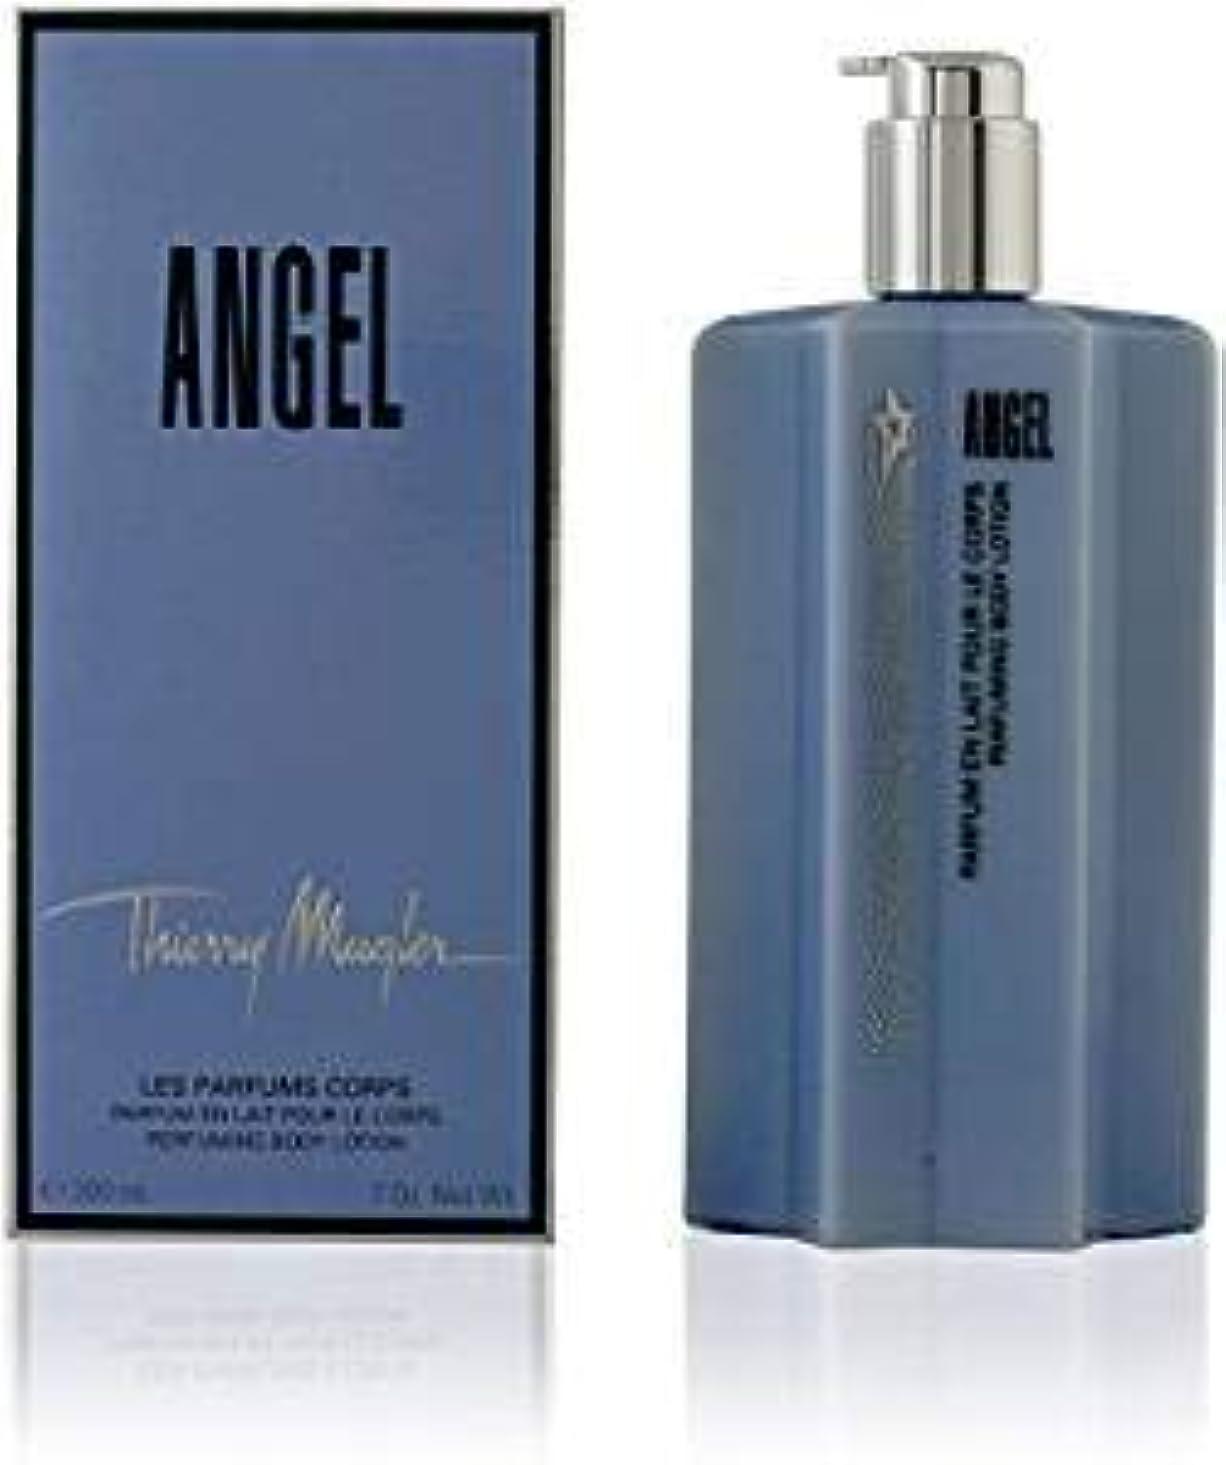 に沿って隣接サーキットに行くThierry Mugler Angel Body Lotion 200 ml